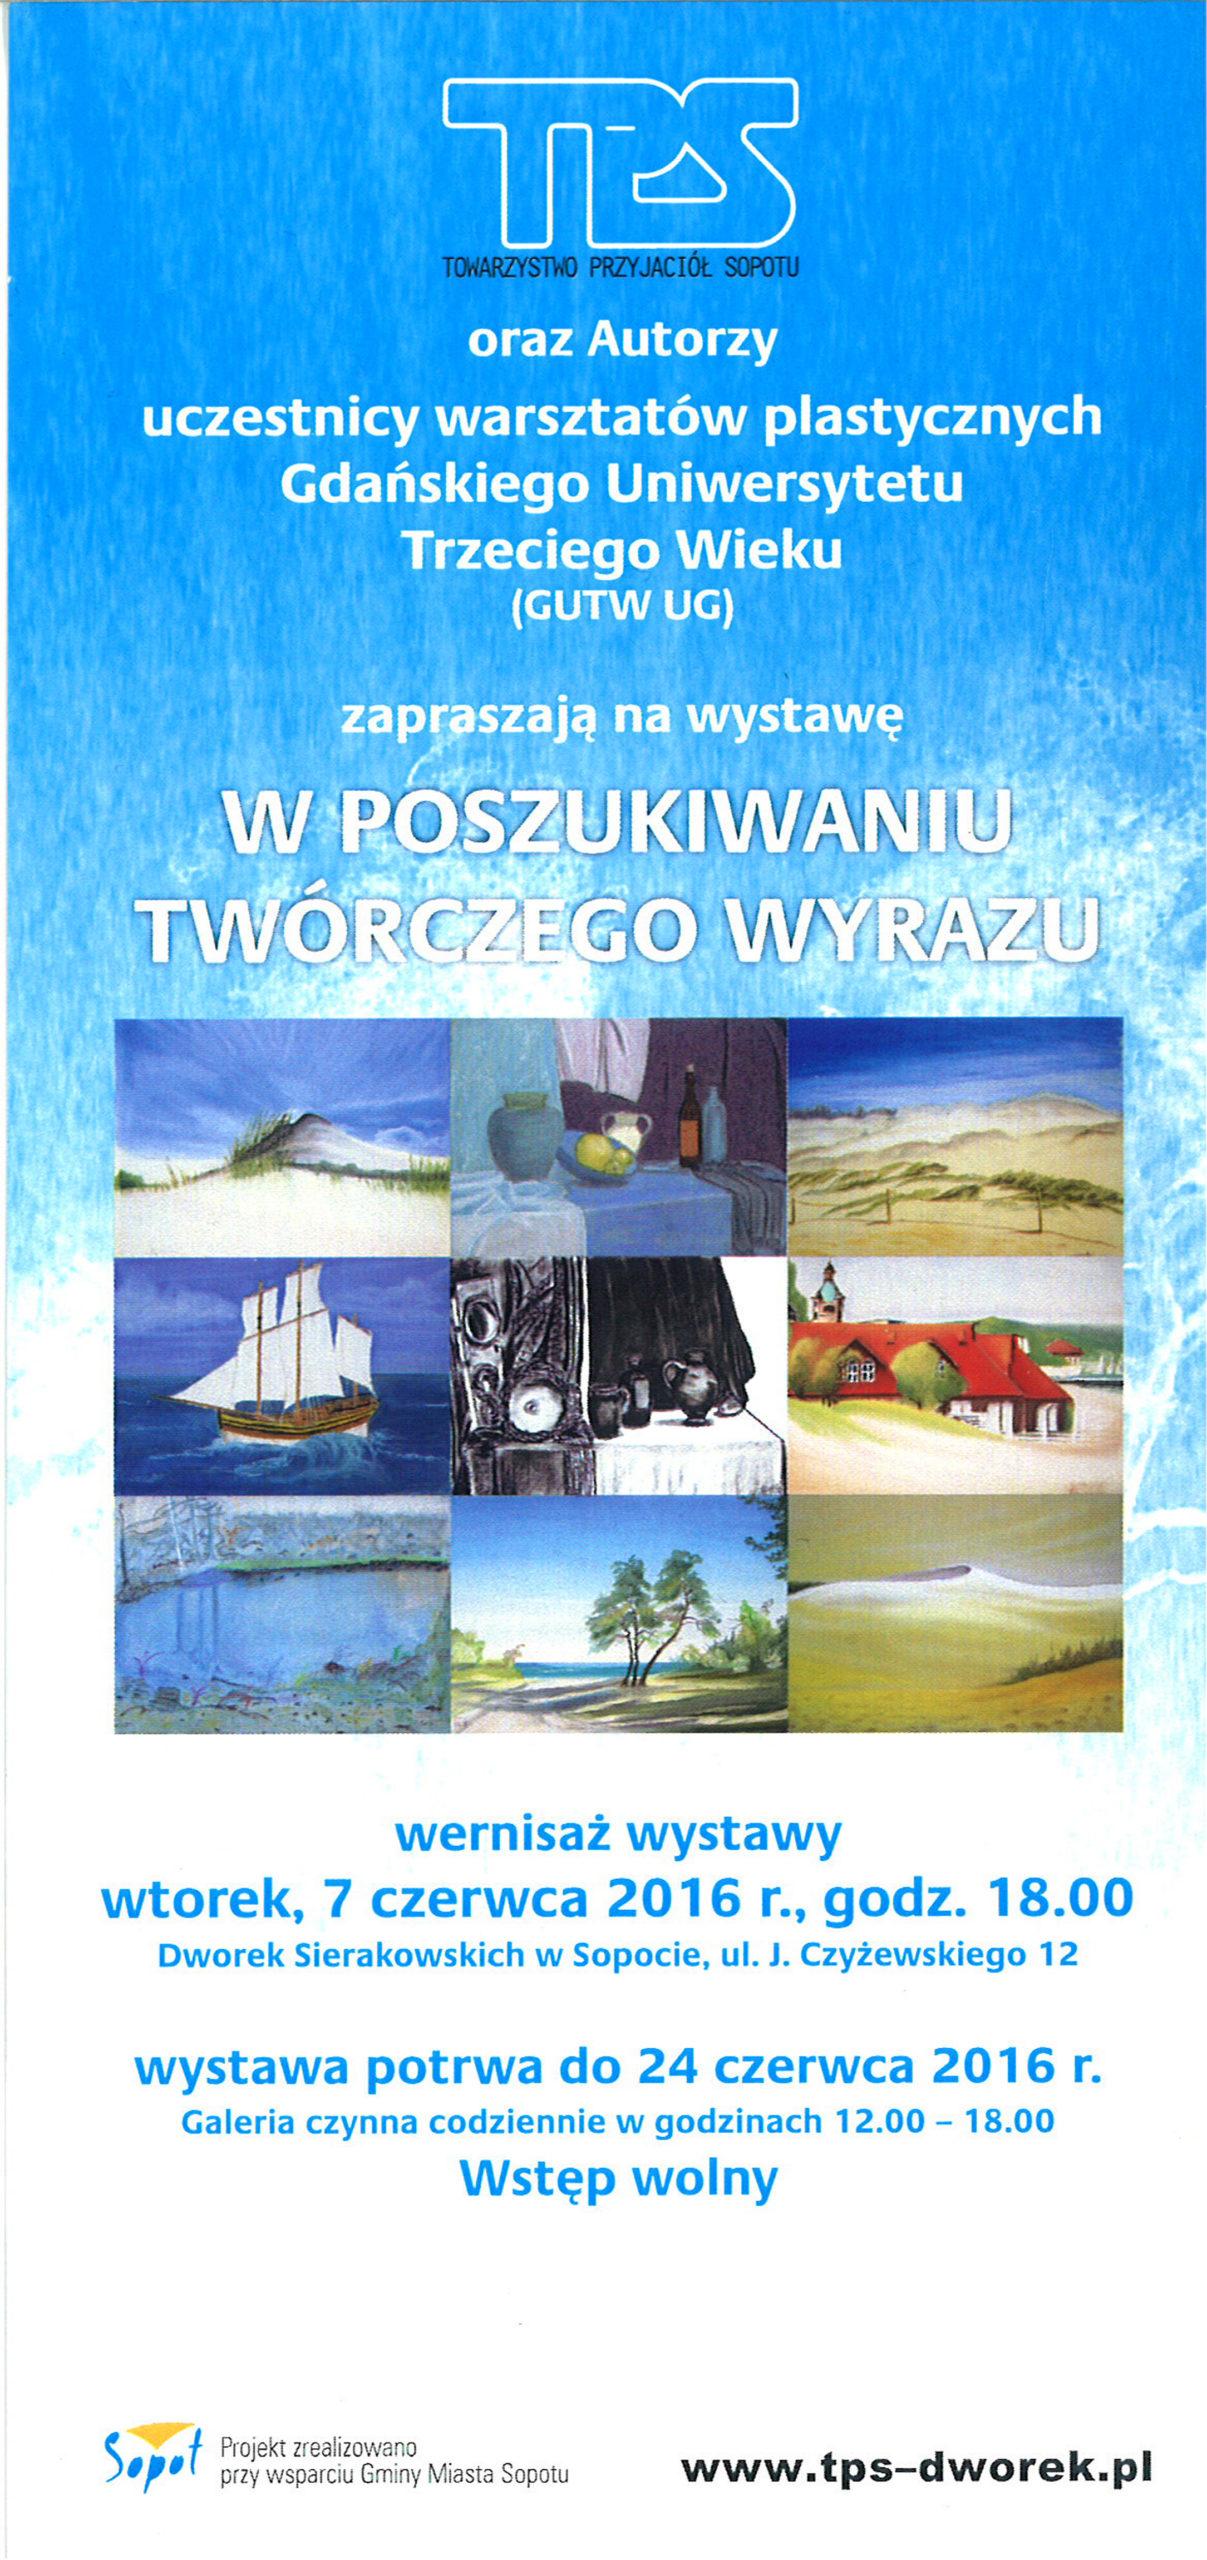 Wystawa w Dworku słuchaczy GUTW UG - zaproszenie, Sopot 2016